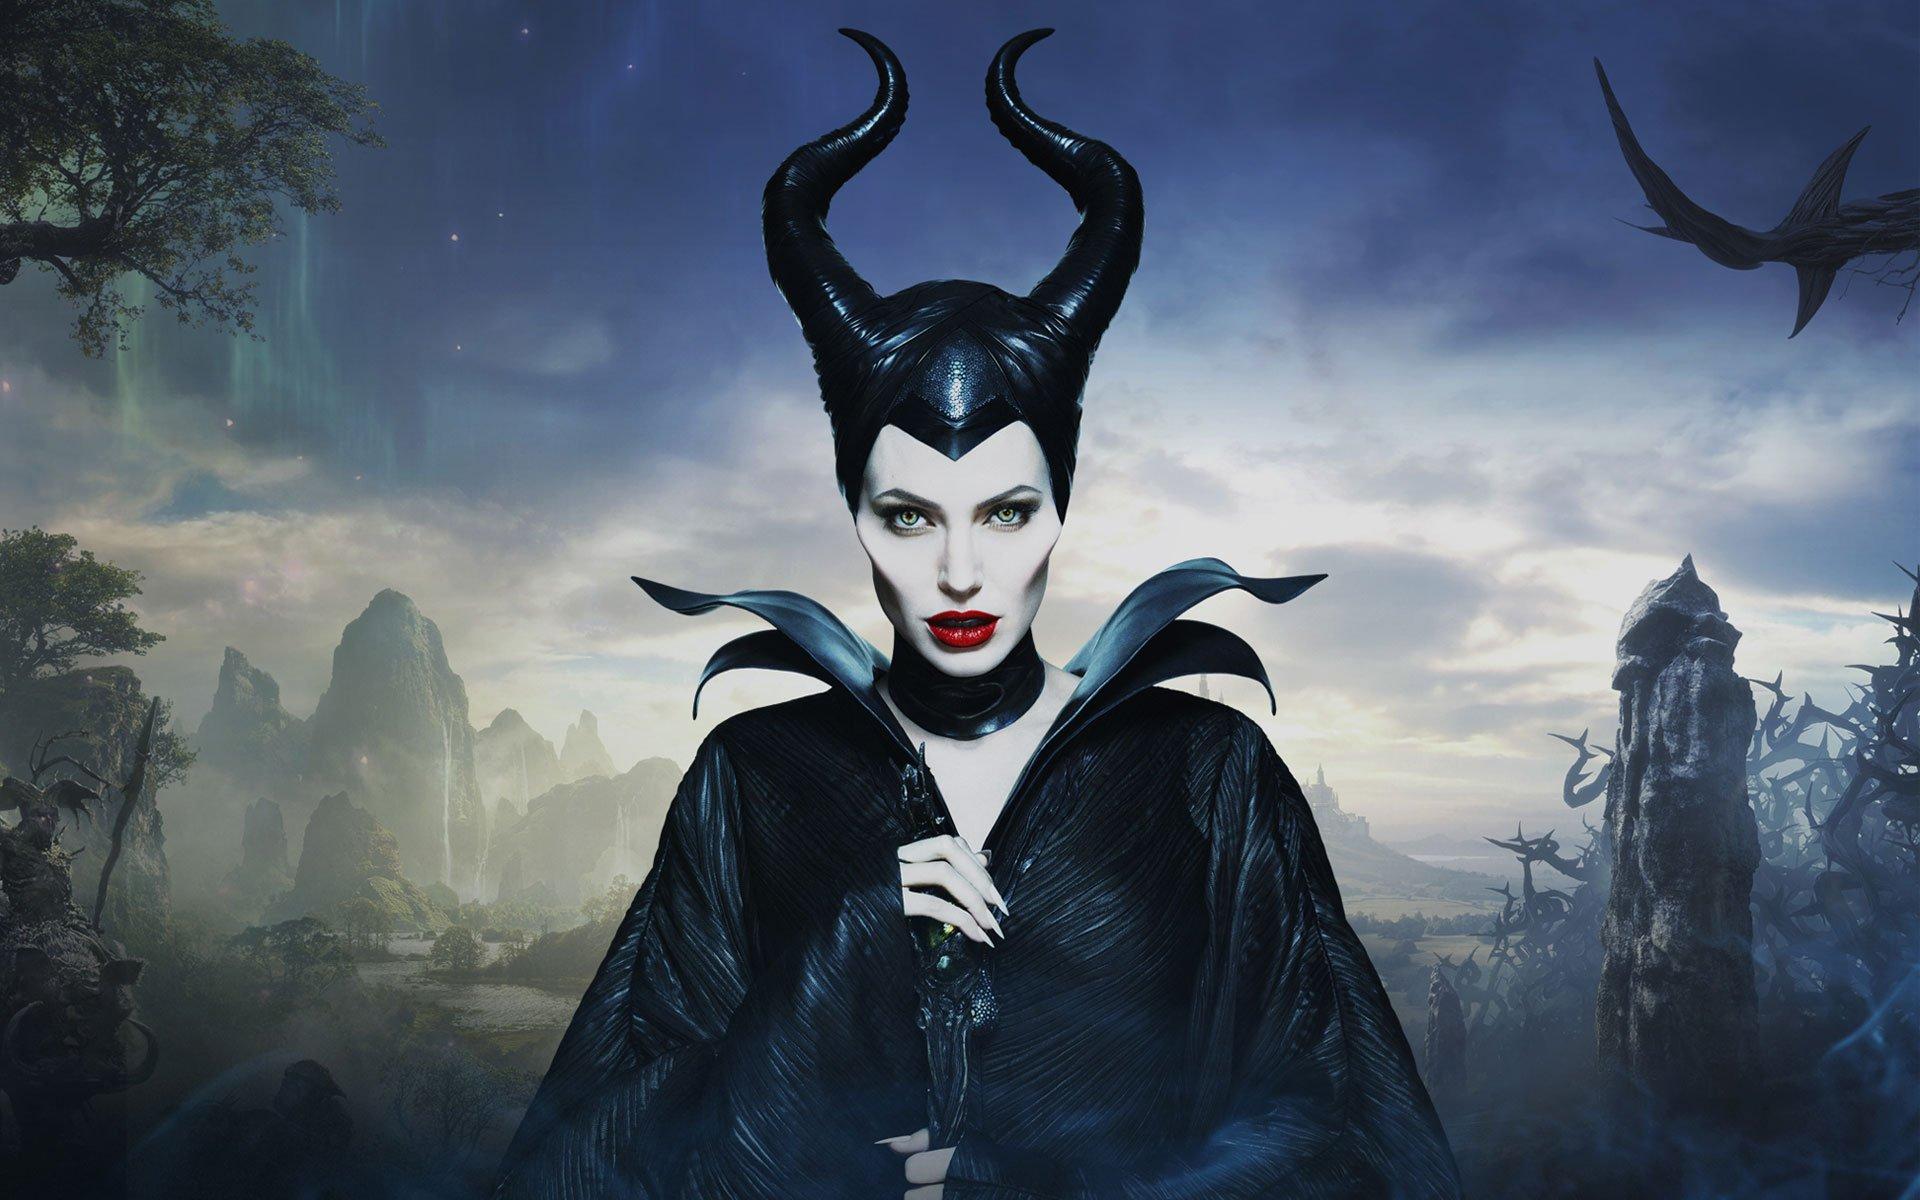 https://i1.wp.com/www.designbolts.com/wp-content/uploads/2014/05/Maleficent-HD-Wallpaper-1920x12001.jpg